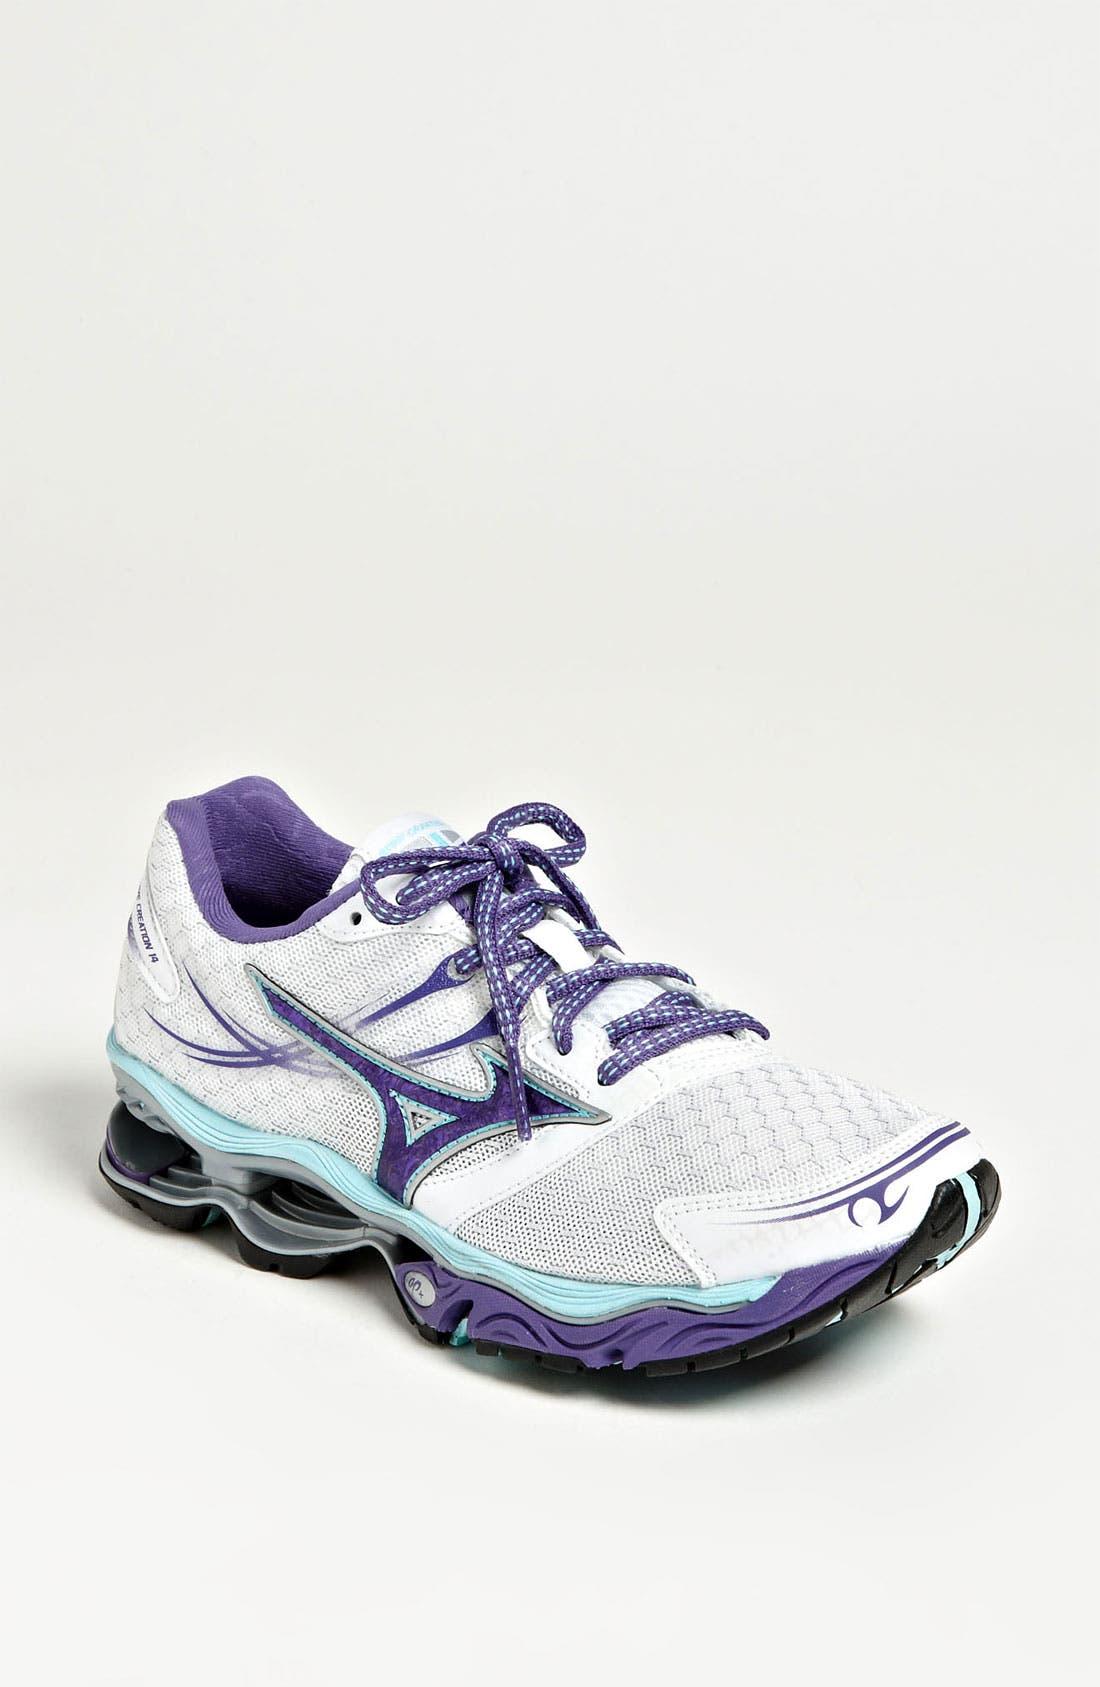 Alternate Image 1 Selected - Mizuno 'Wave Creation 14' Running Shoe (Women)(Retail Price: $149.95)